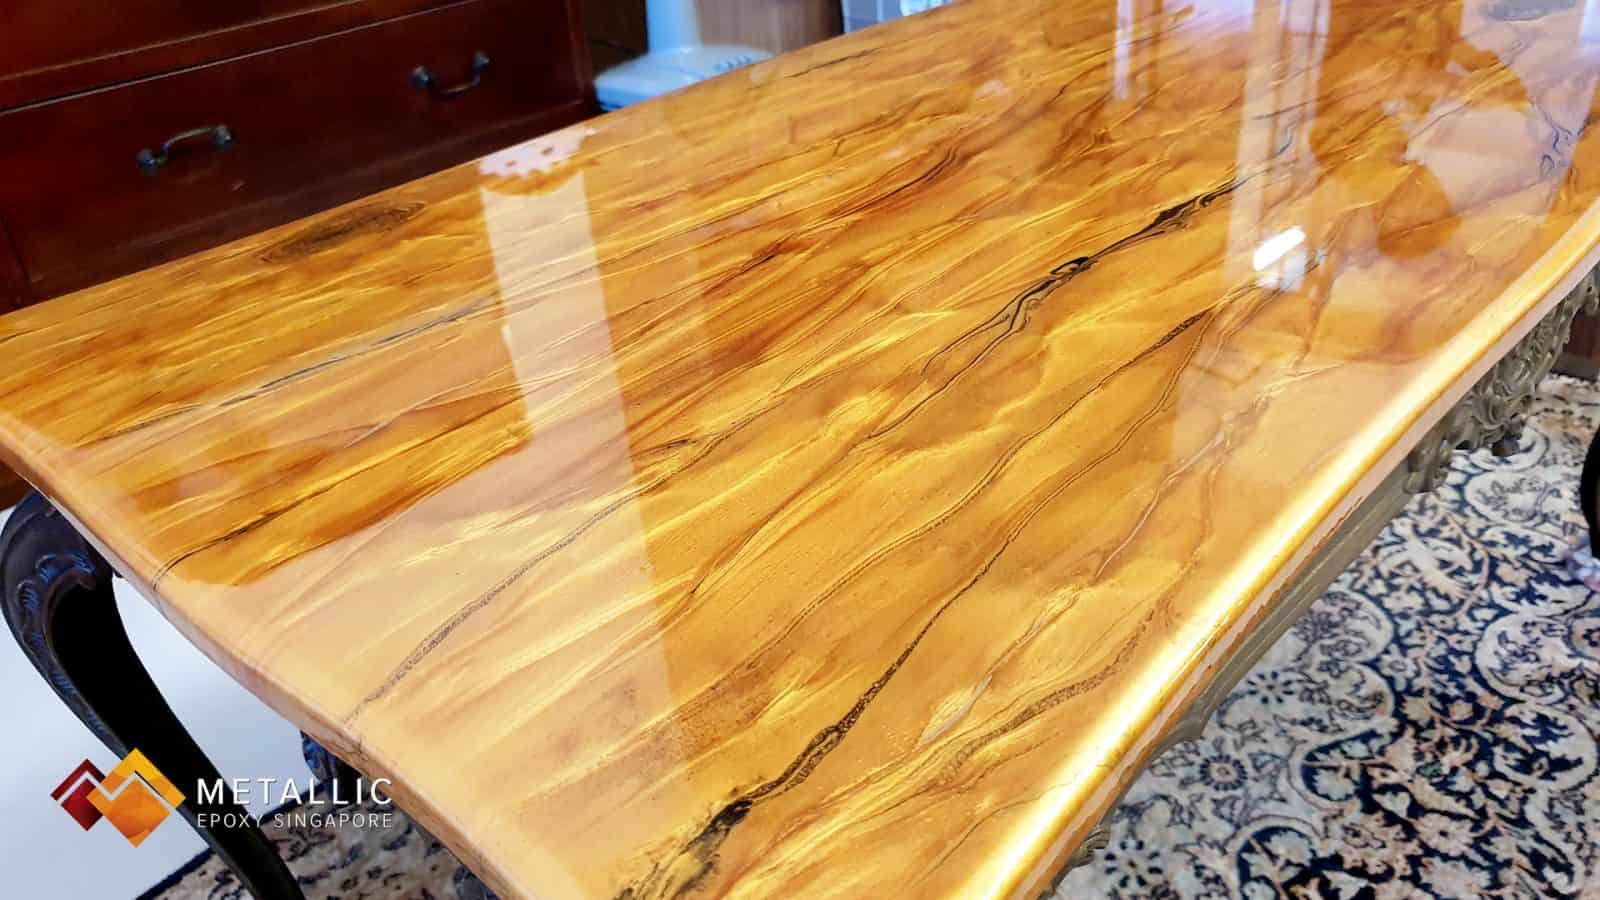 Black Highlights on Orange Gold Base Tabletop